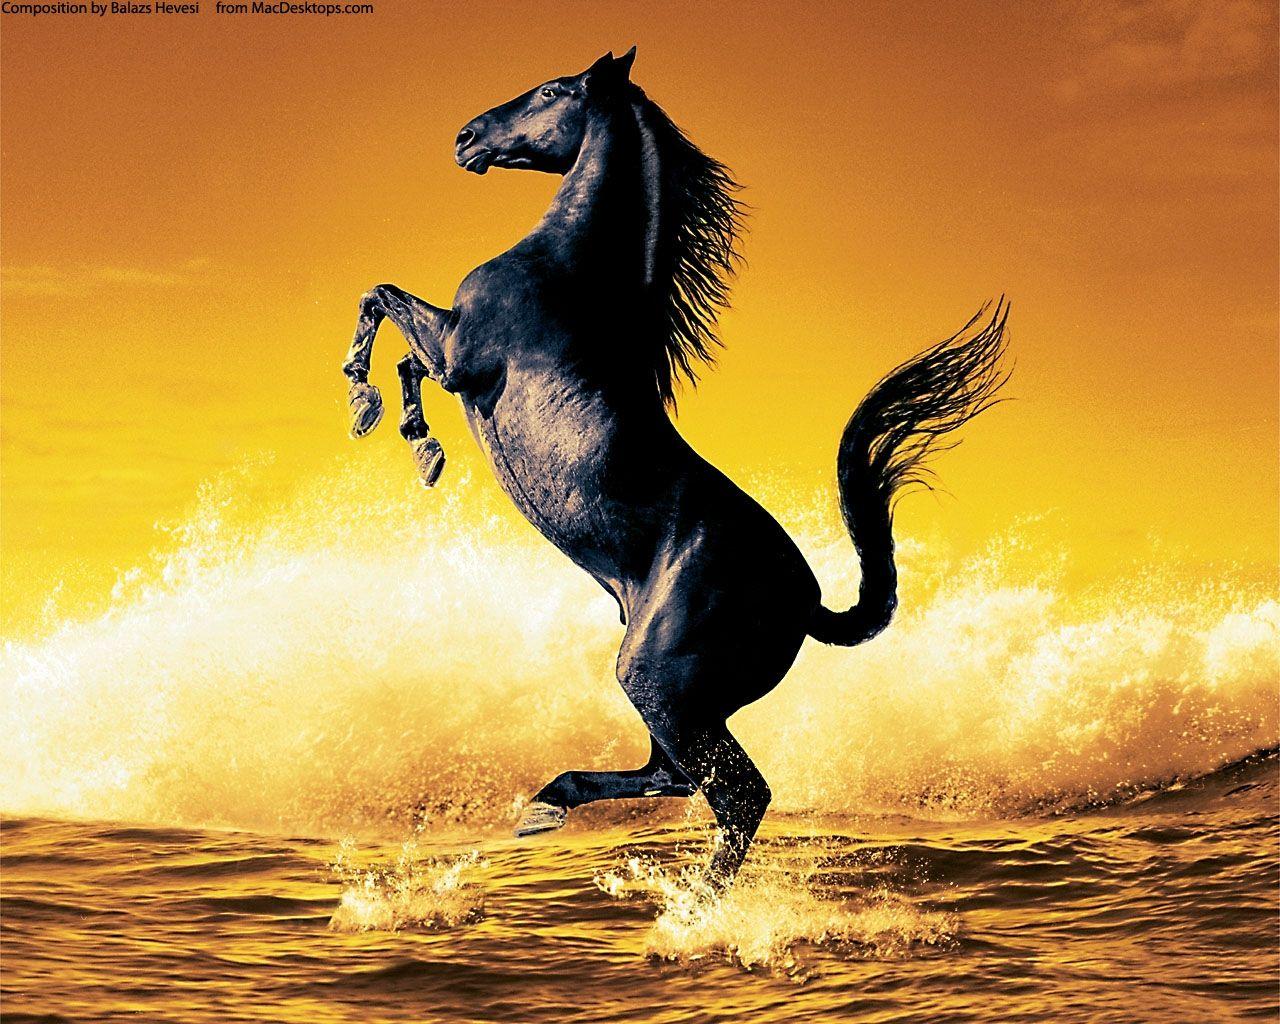 Most Inspiring Wallpaper Horse Ocean - d81d1264d519bb918b49f9a14aac87ab  Picture_92773.jpg